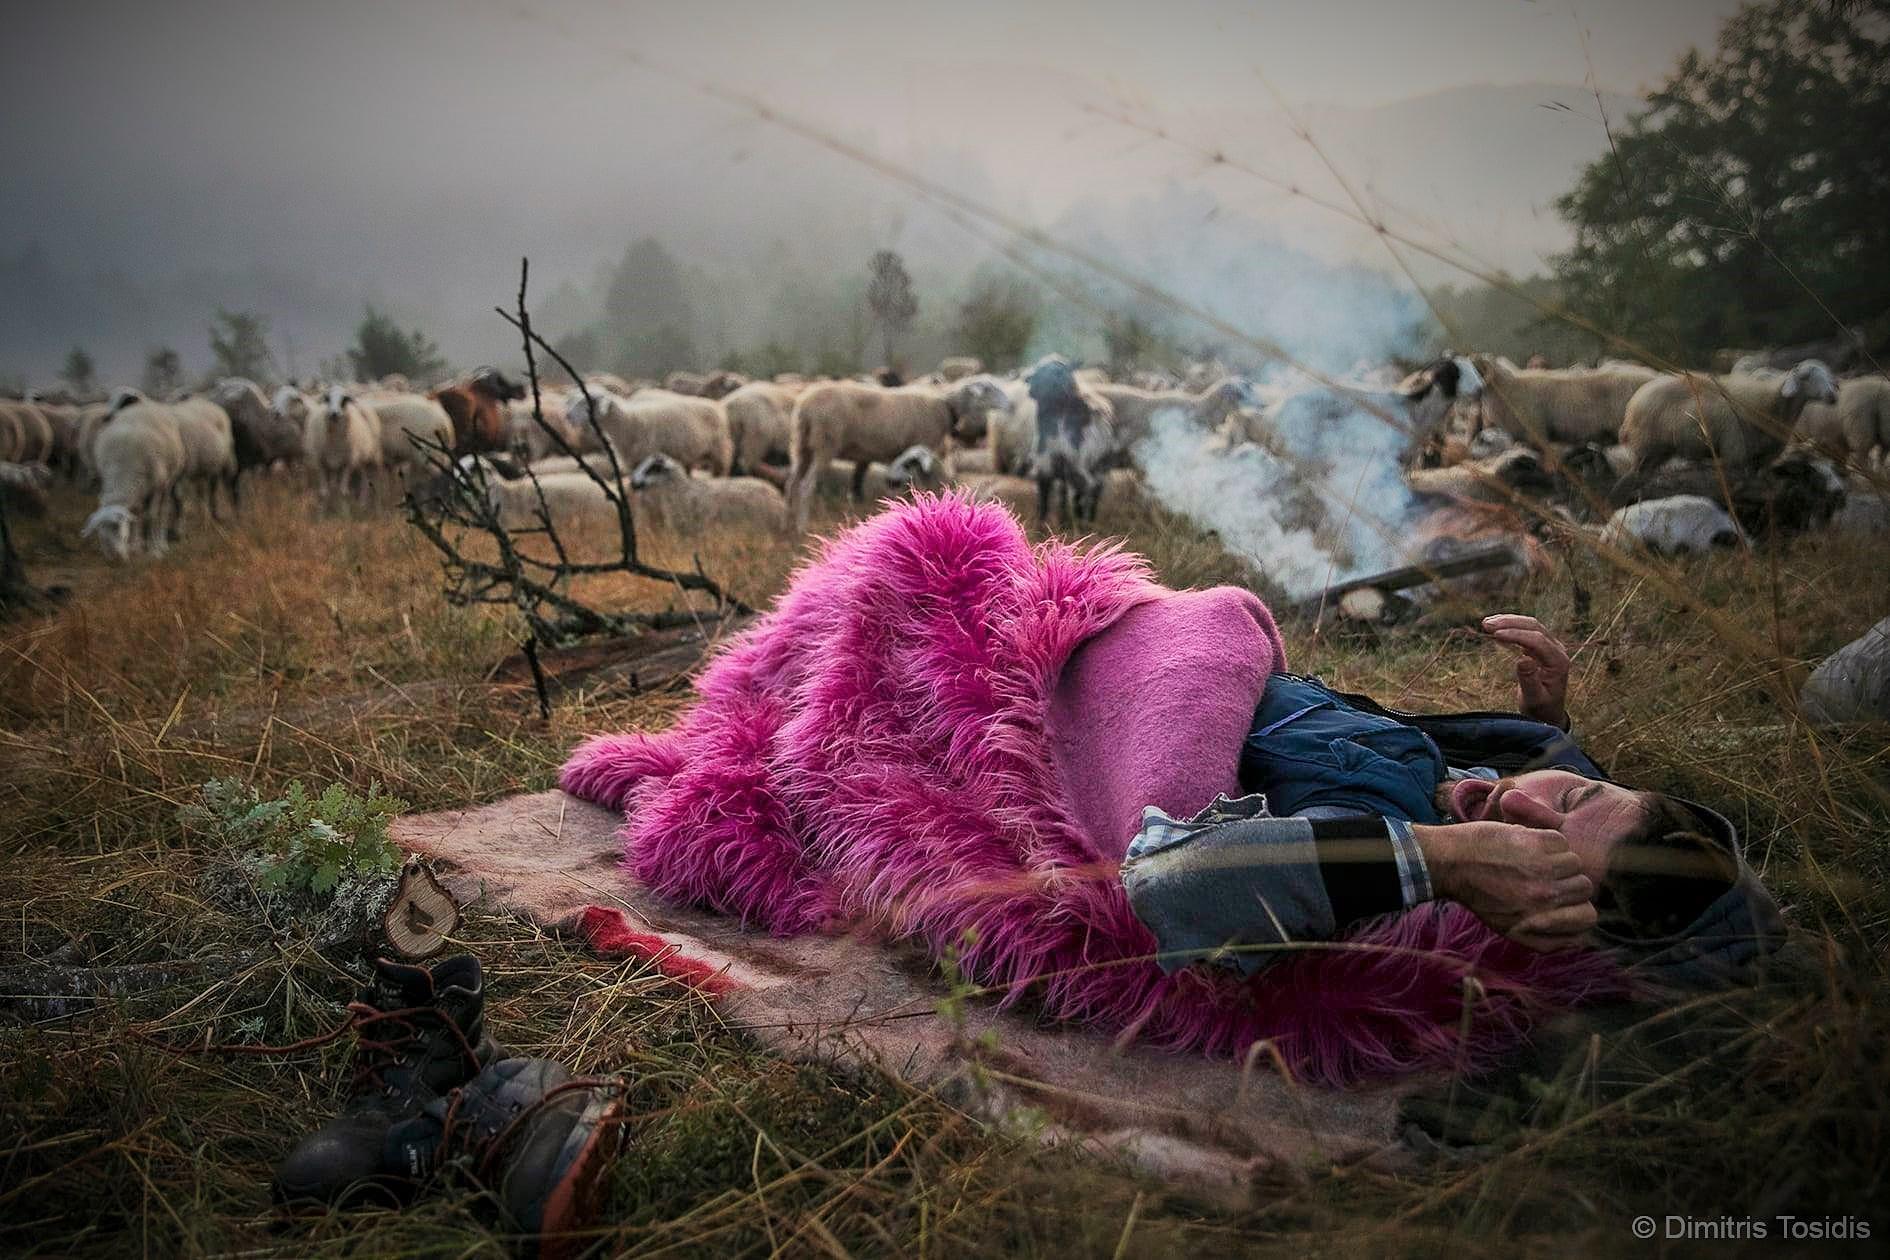 «Διάβα»: Η ορεινή Ελλάδα μέσα από τον φακό του βραβευμένου φωτορεπόρτερ Δημήτρη Τοσίδη